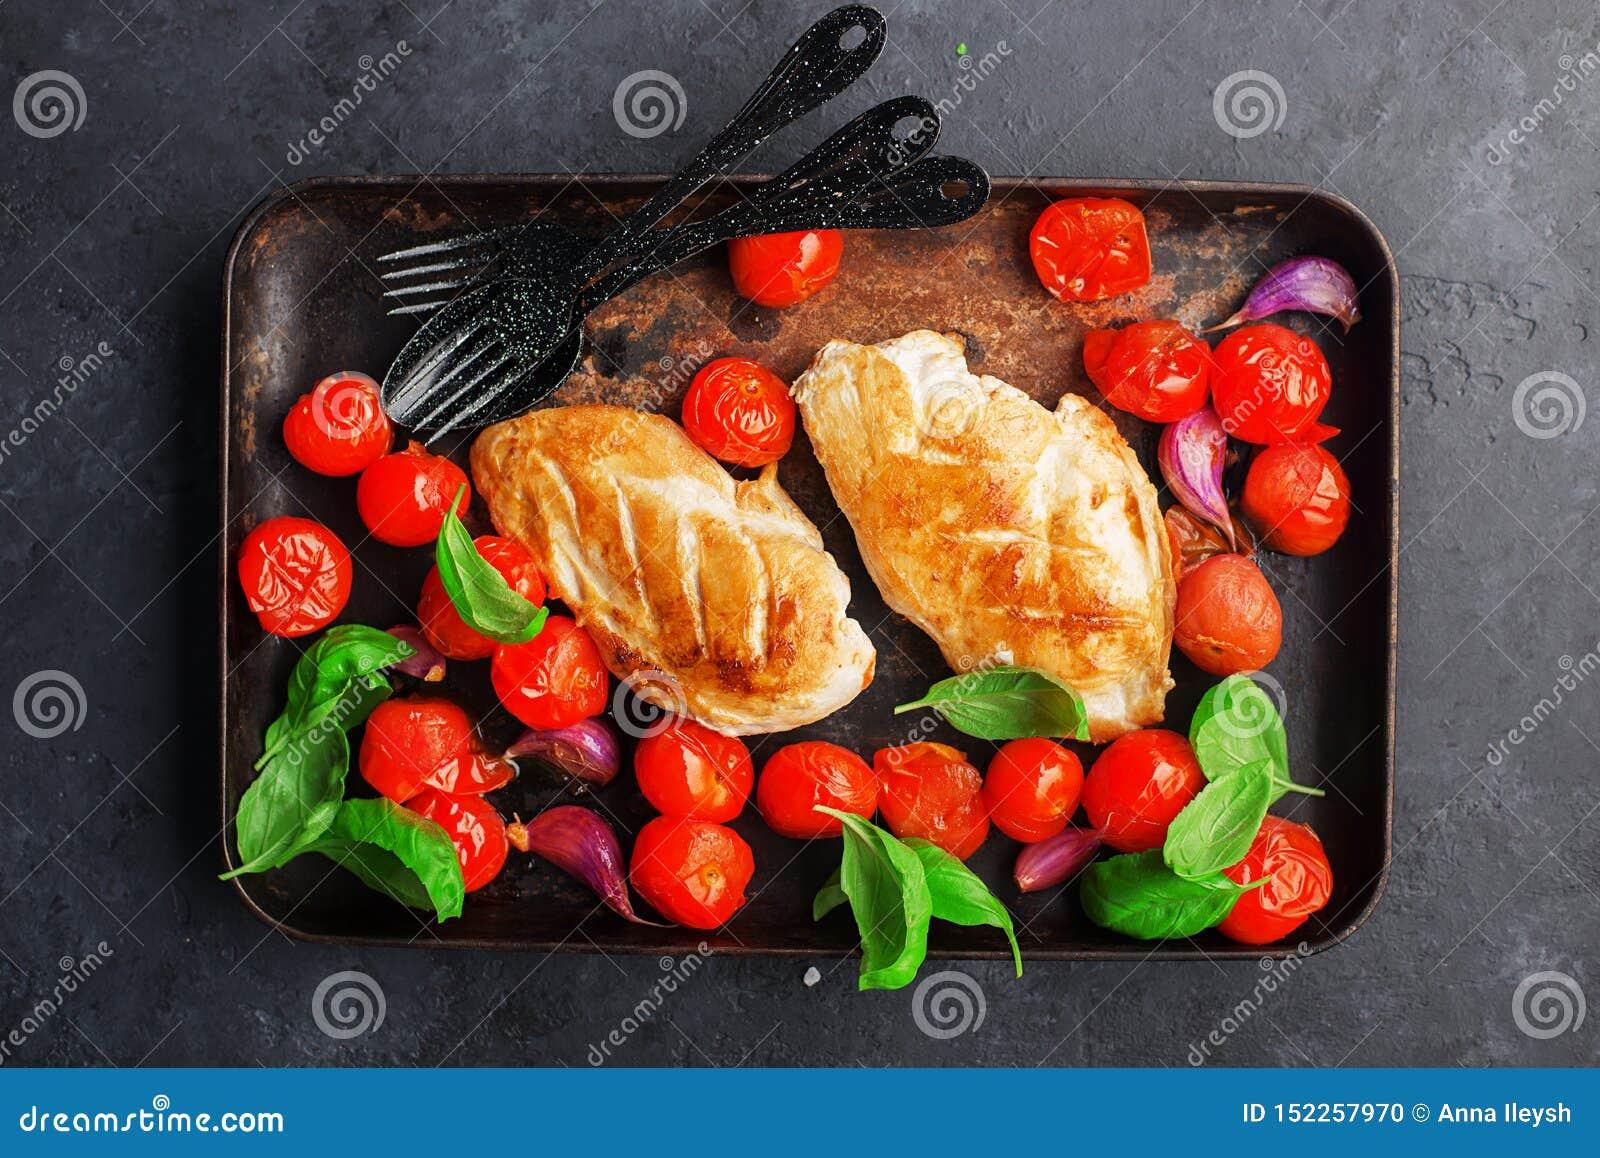 Зажаренное филе куриной грудки с молодым чесноком, томатами вишни на печь листе с листьями базилика Зацепленное блюдо на a